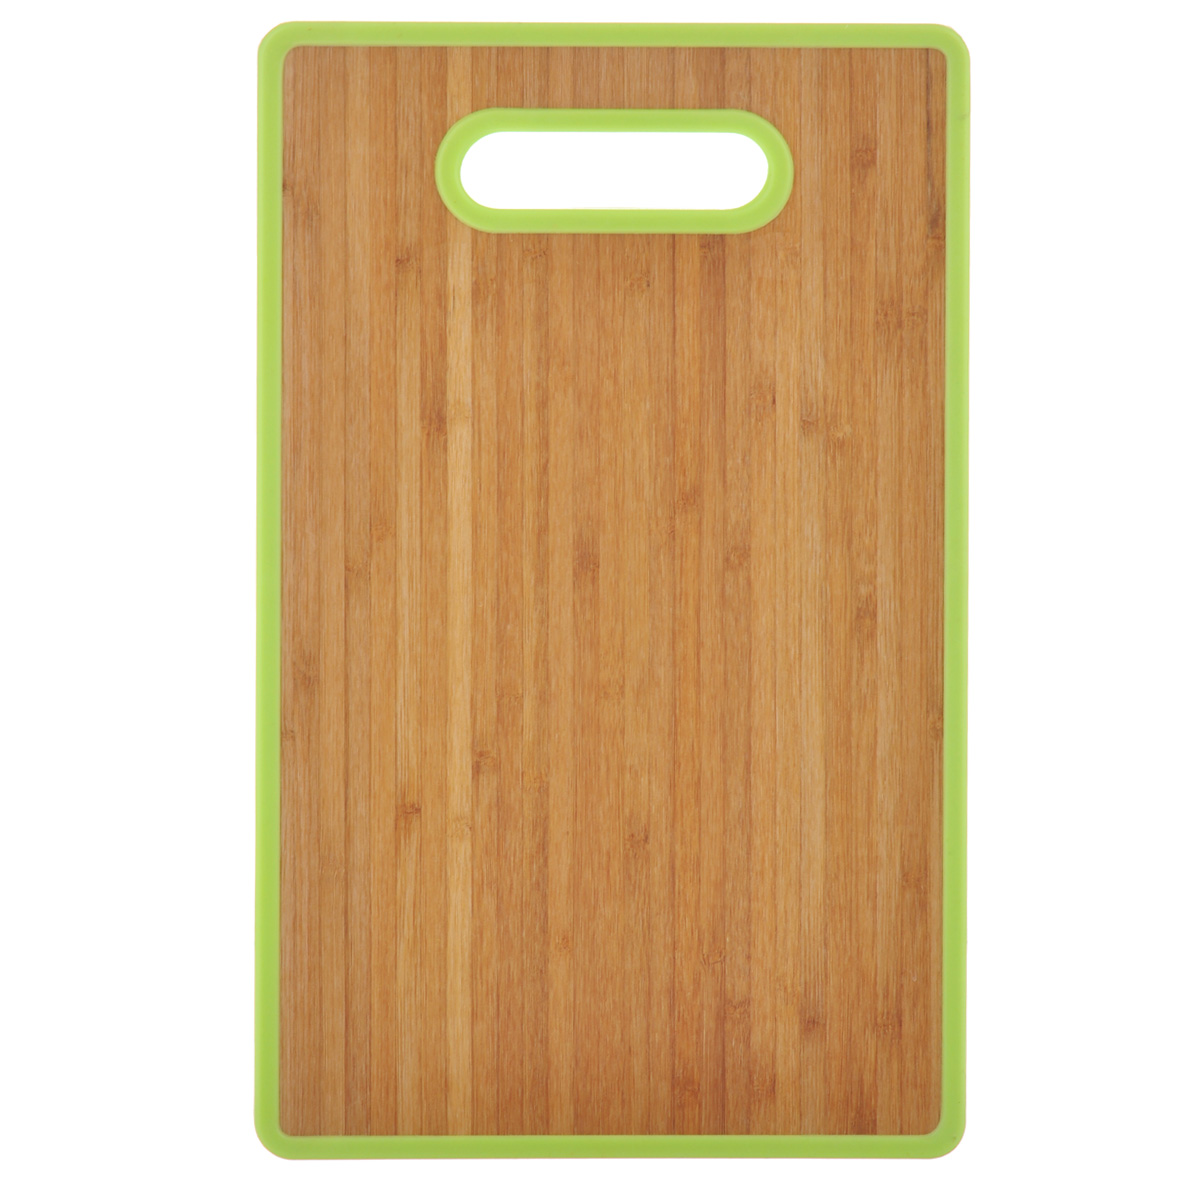 Доска разделочная Home Center, цвет: светло-зеленый, 22,5 см х 37 см1014210Разделочная доска Home Center идеально впишется в интерьер современной кухни. Изделие выполнено с одной стороны -из высококачественного пластика, с другой - из бамбука. Благодаря качественному природному материалу - древесине бамбука, доска обладает высокими гигиеничными свойствами, не впитывает влагу и запахи, имеет долгий срок службы и высокую износоустойчивость. Она прекрасно подойдет для нарезки любых продуктов. Размер доски: 22,5 см х 37 см х 1,2 см.